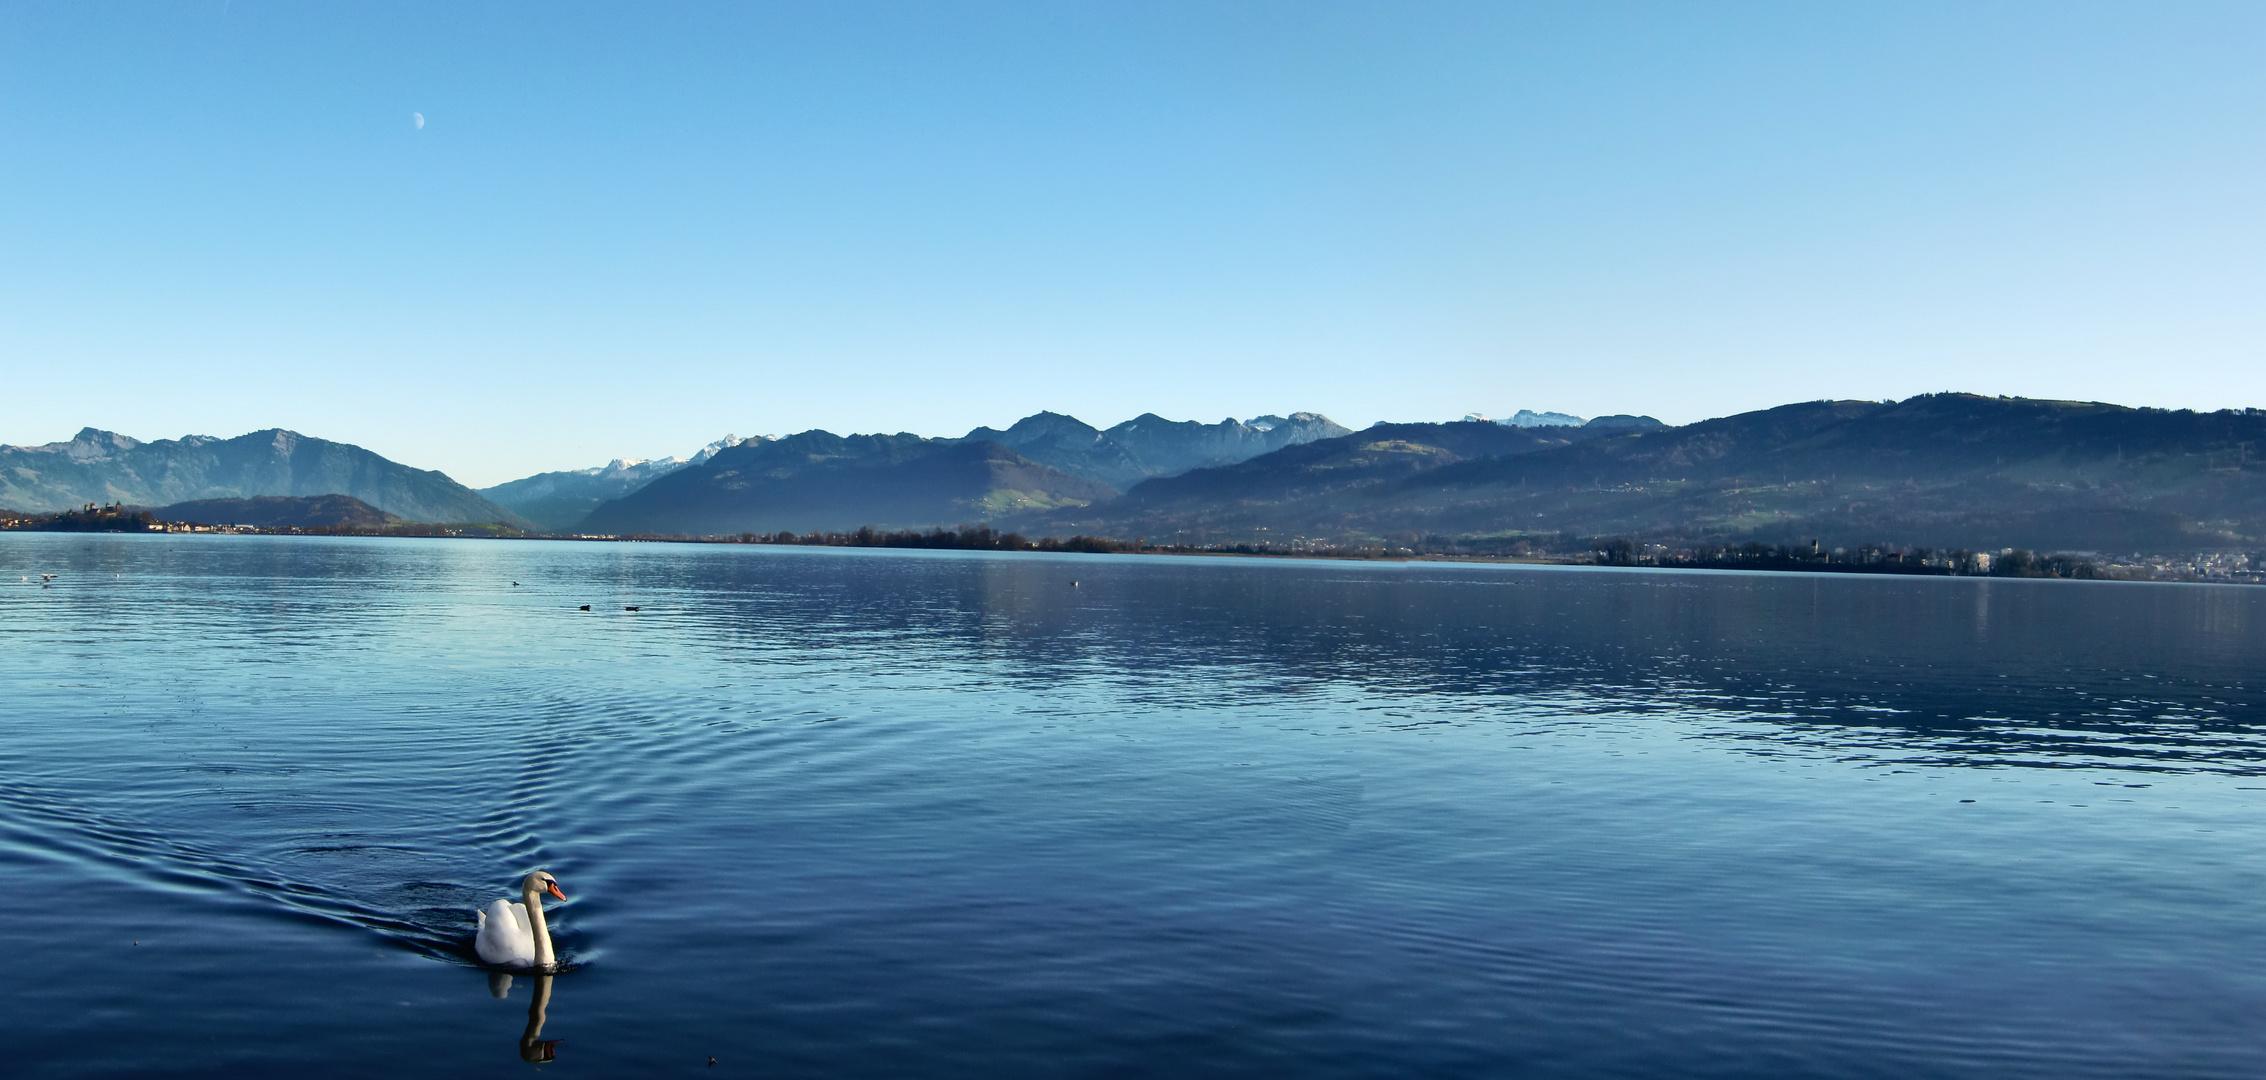 Upper Lake of Zurich